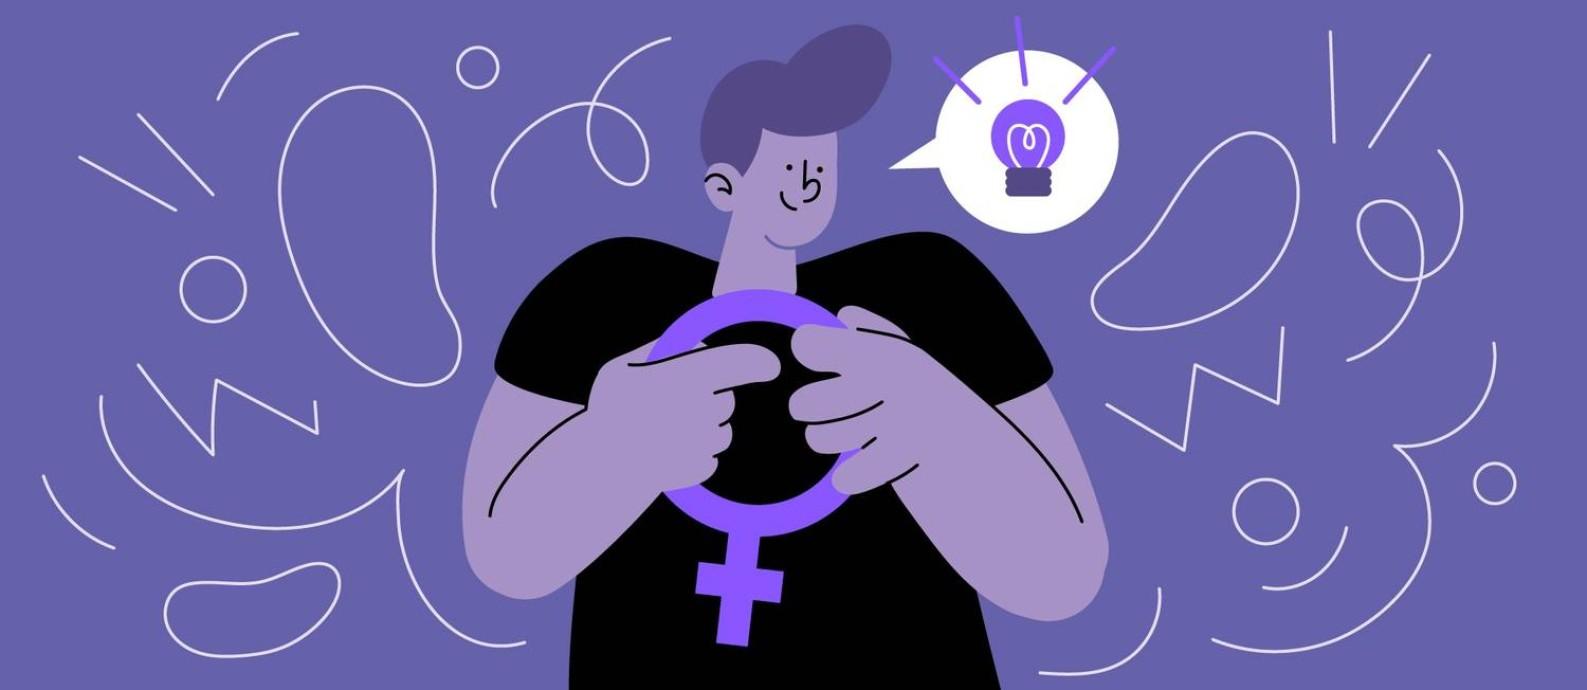 Apesar de não serem protagonistas, homens podem contribuir para a luta pela equidade de gênero. Foto: Arte de Paula Cruz